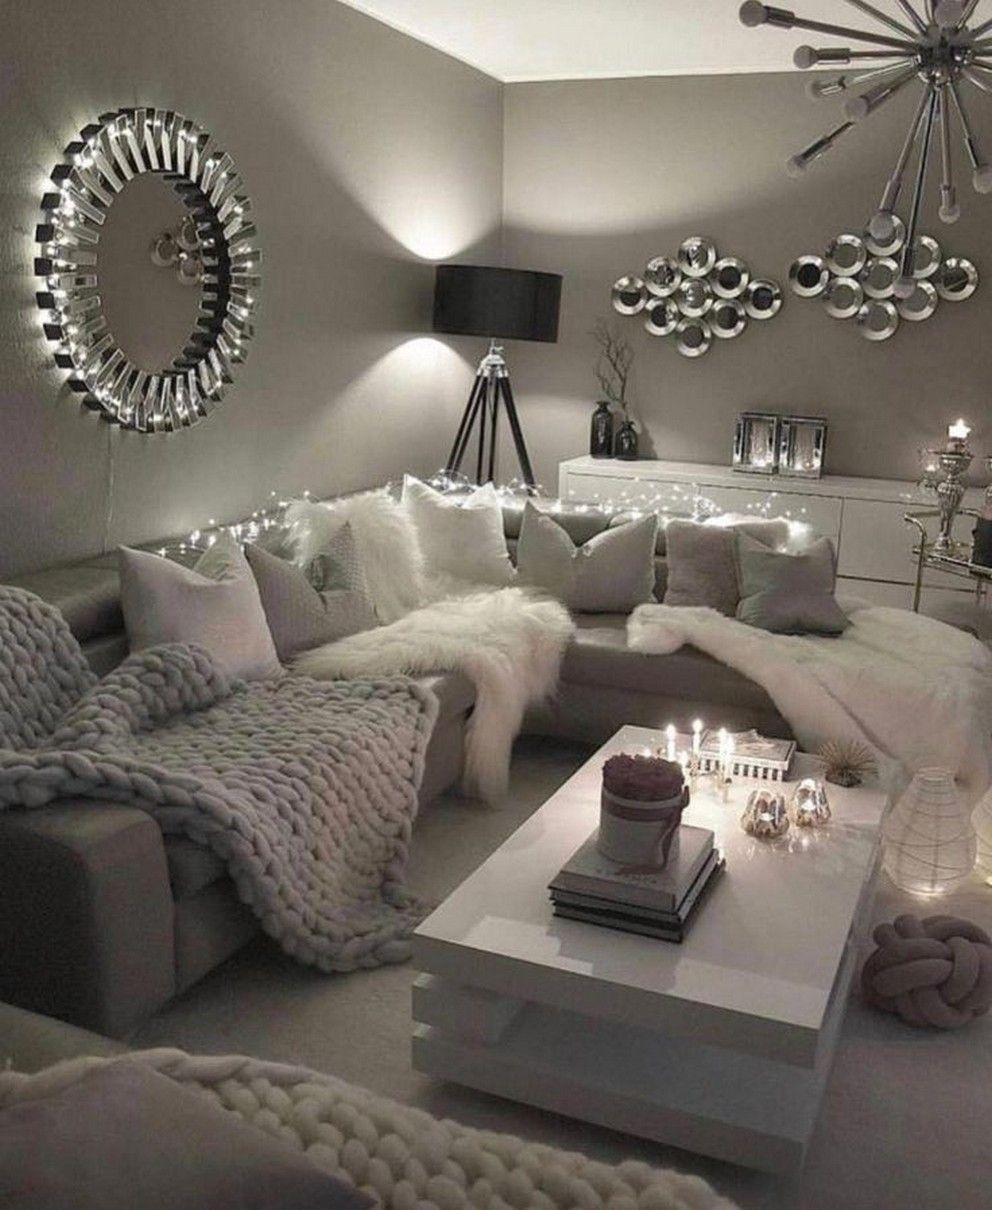 Photo of ✔74 cozy living room decor ideas to copy 48 » Interior Design